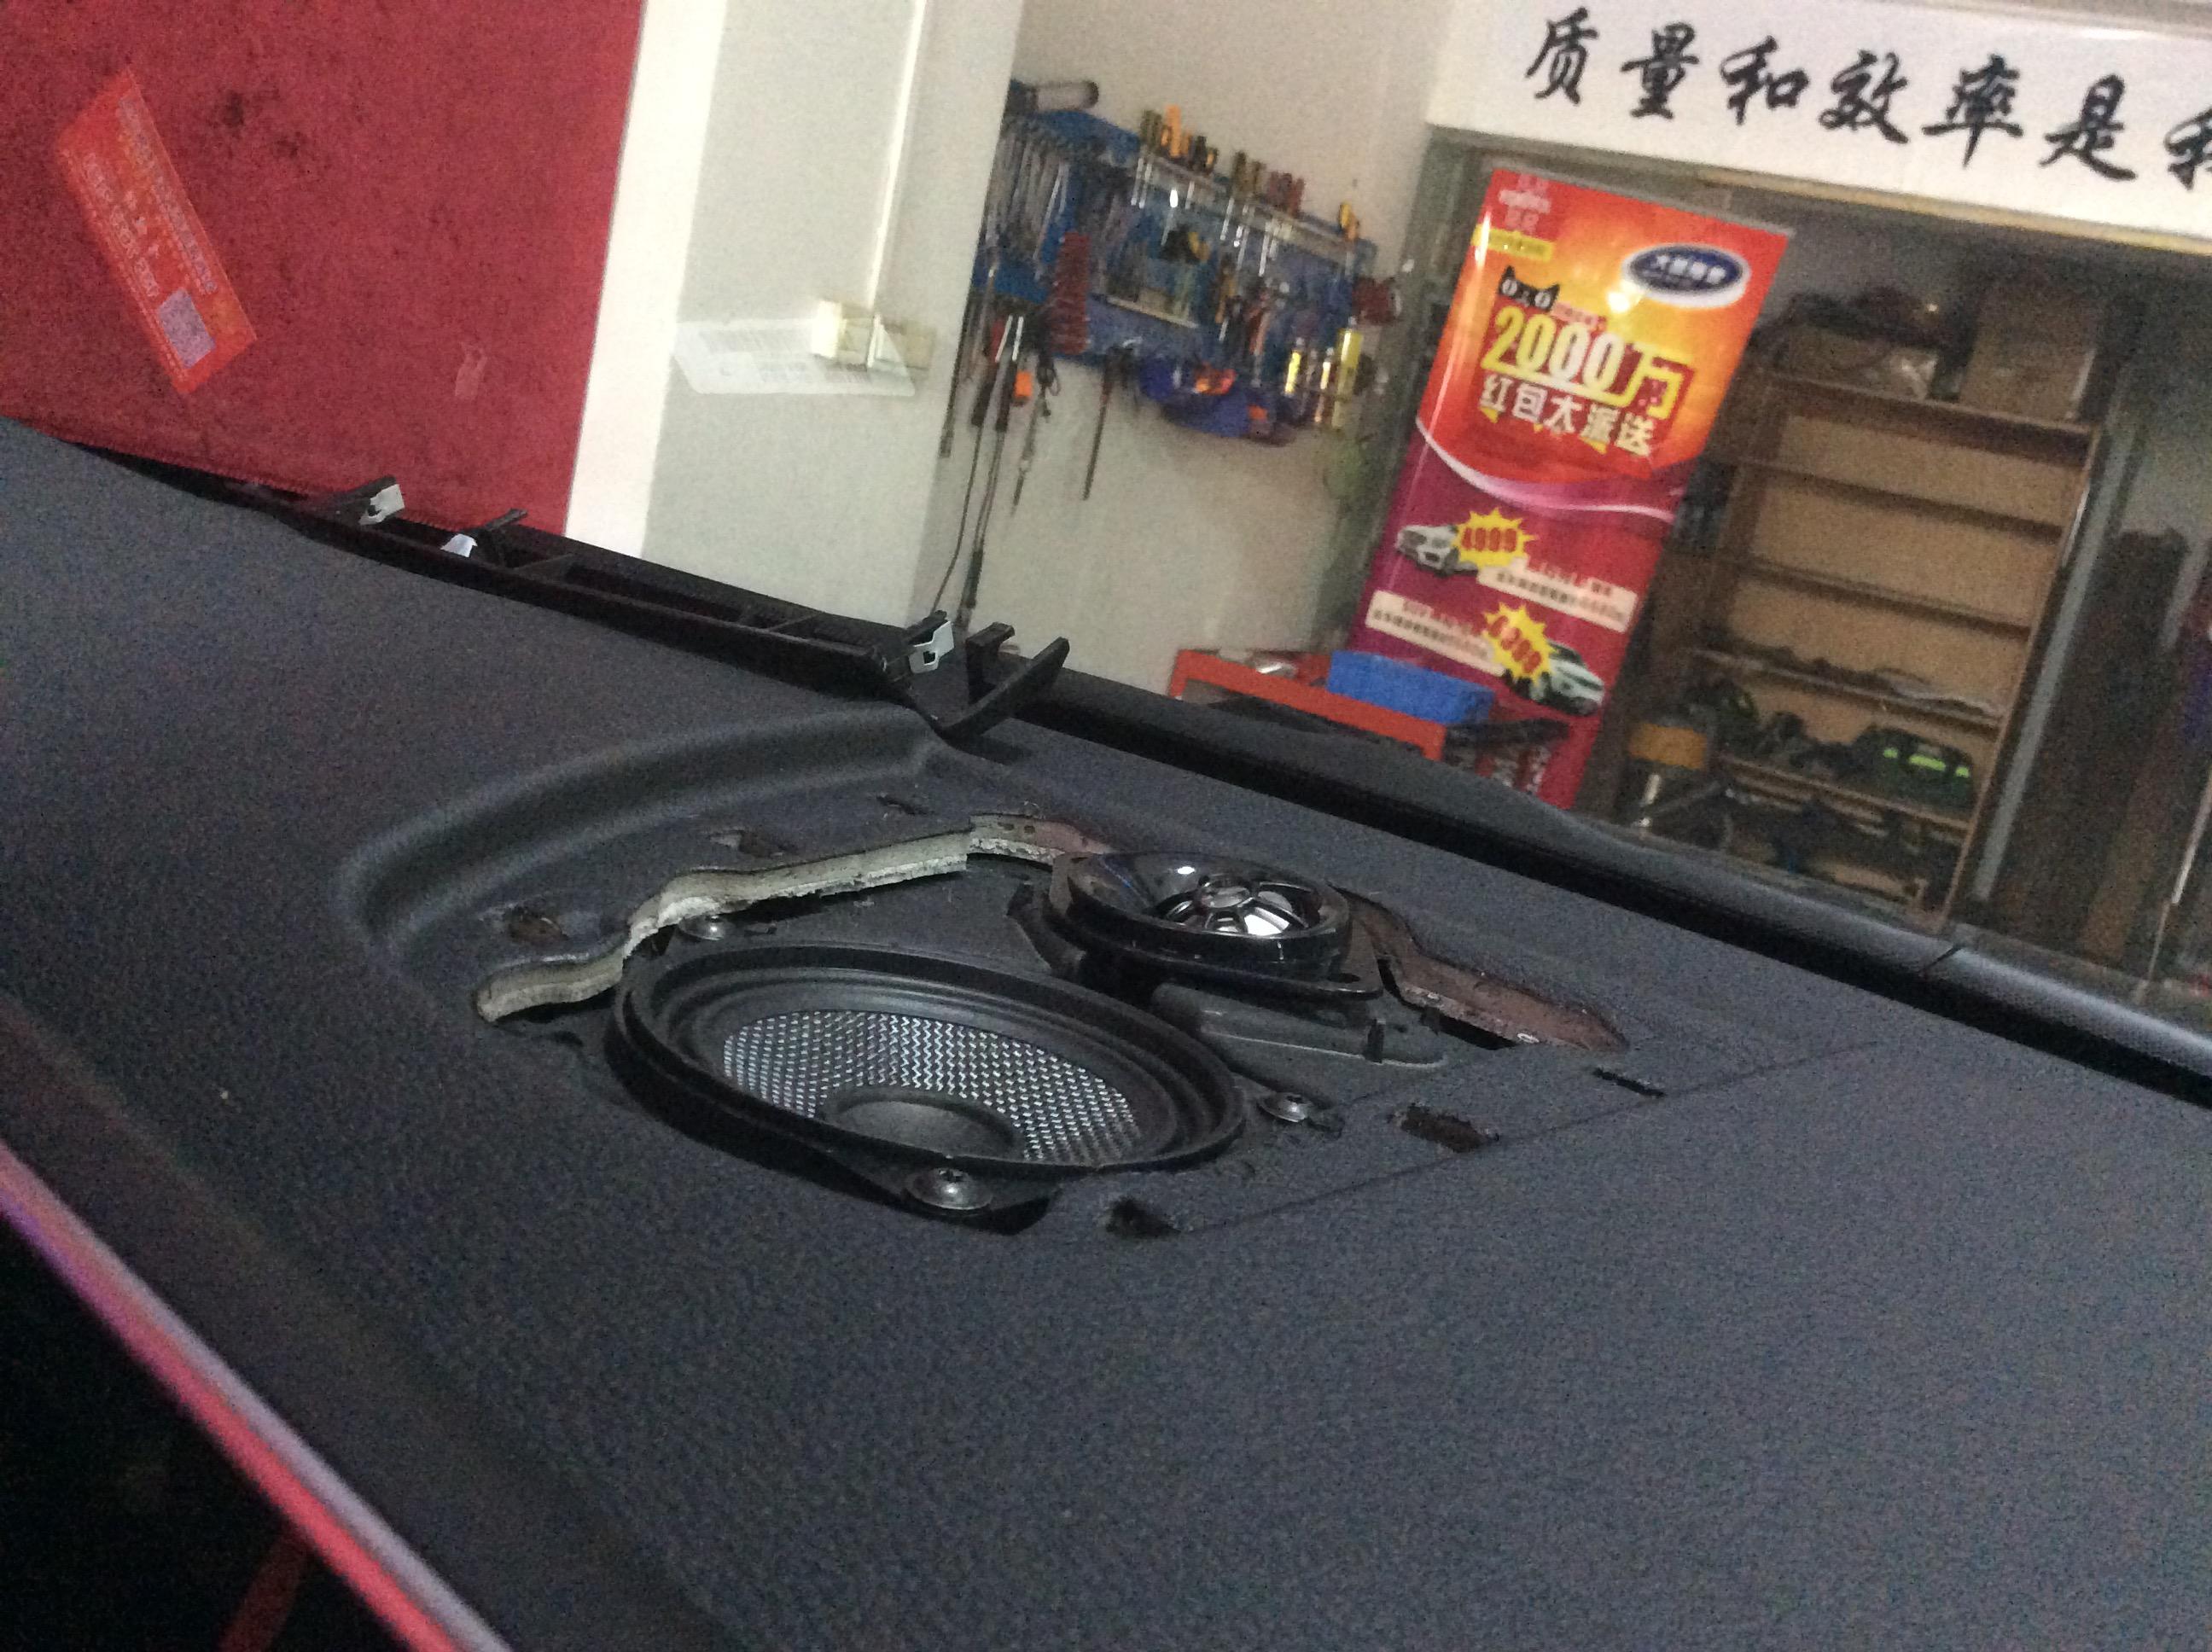 宝马x5改装哈曼卡顿l7环绕立体音响套装